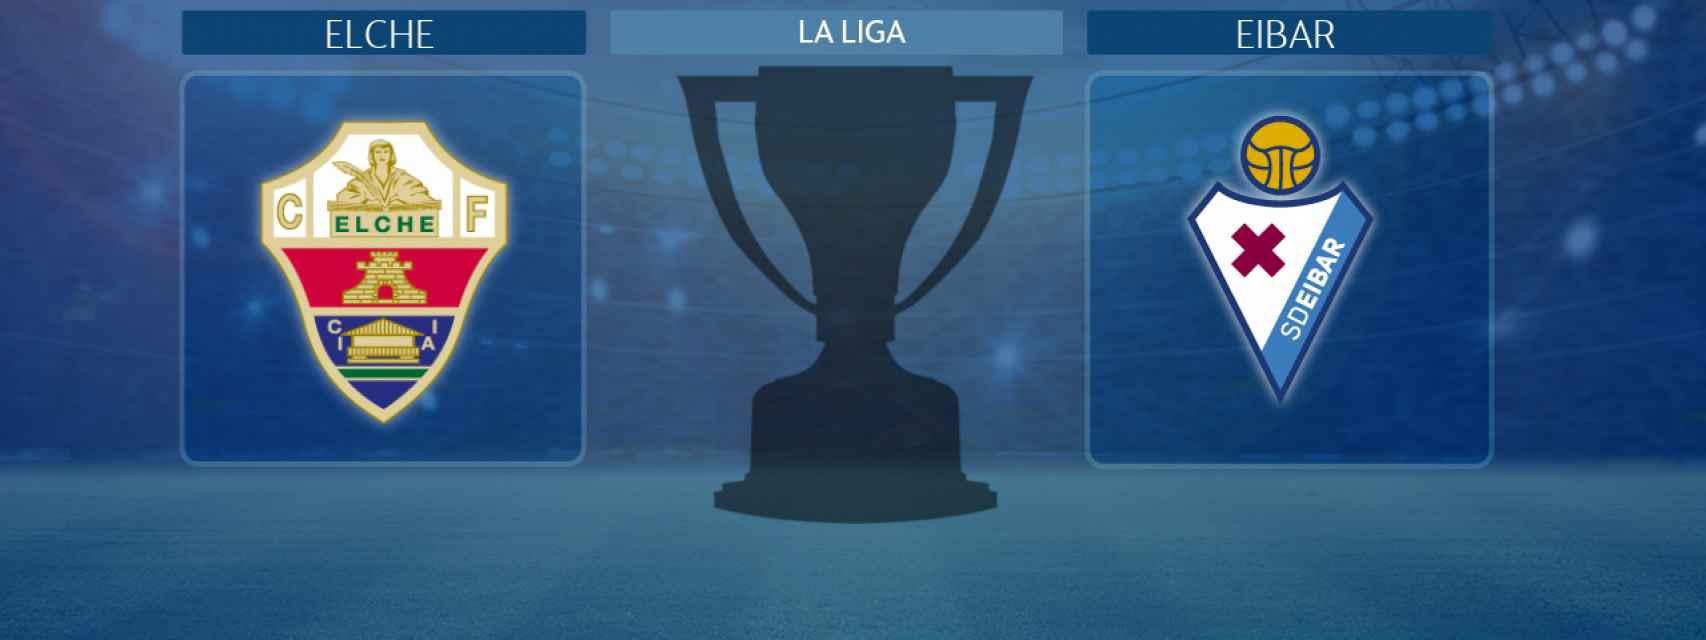 Real Betis - Getafe, partido de La Liga